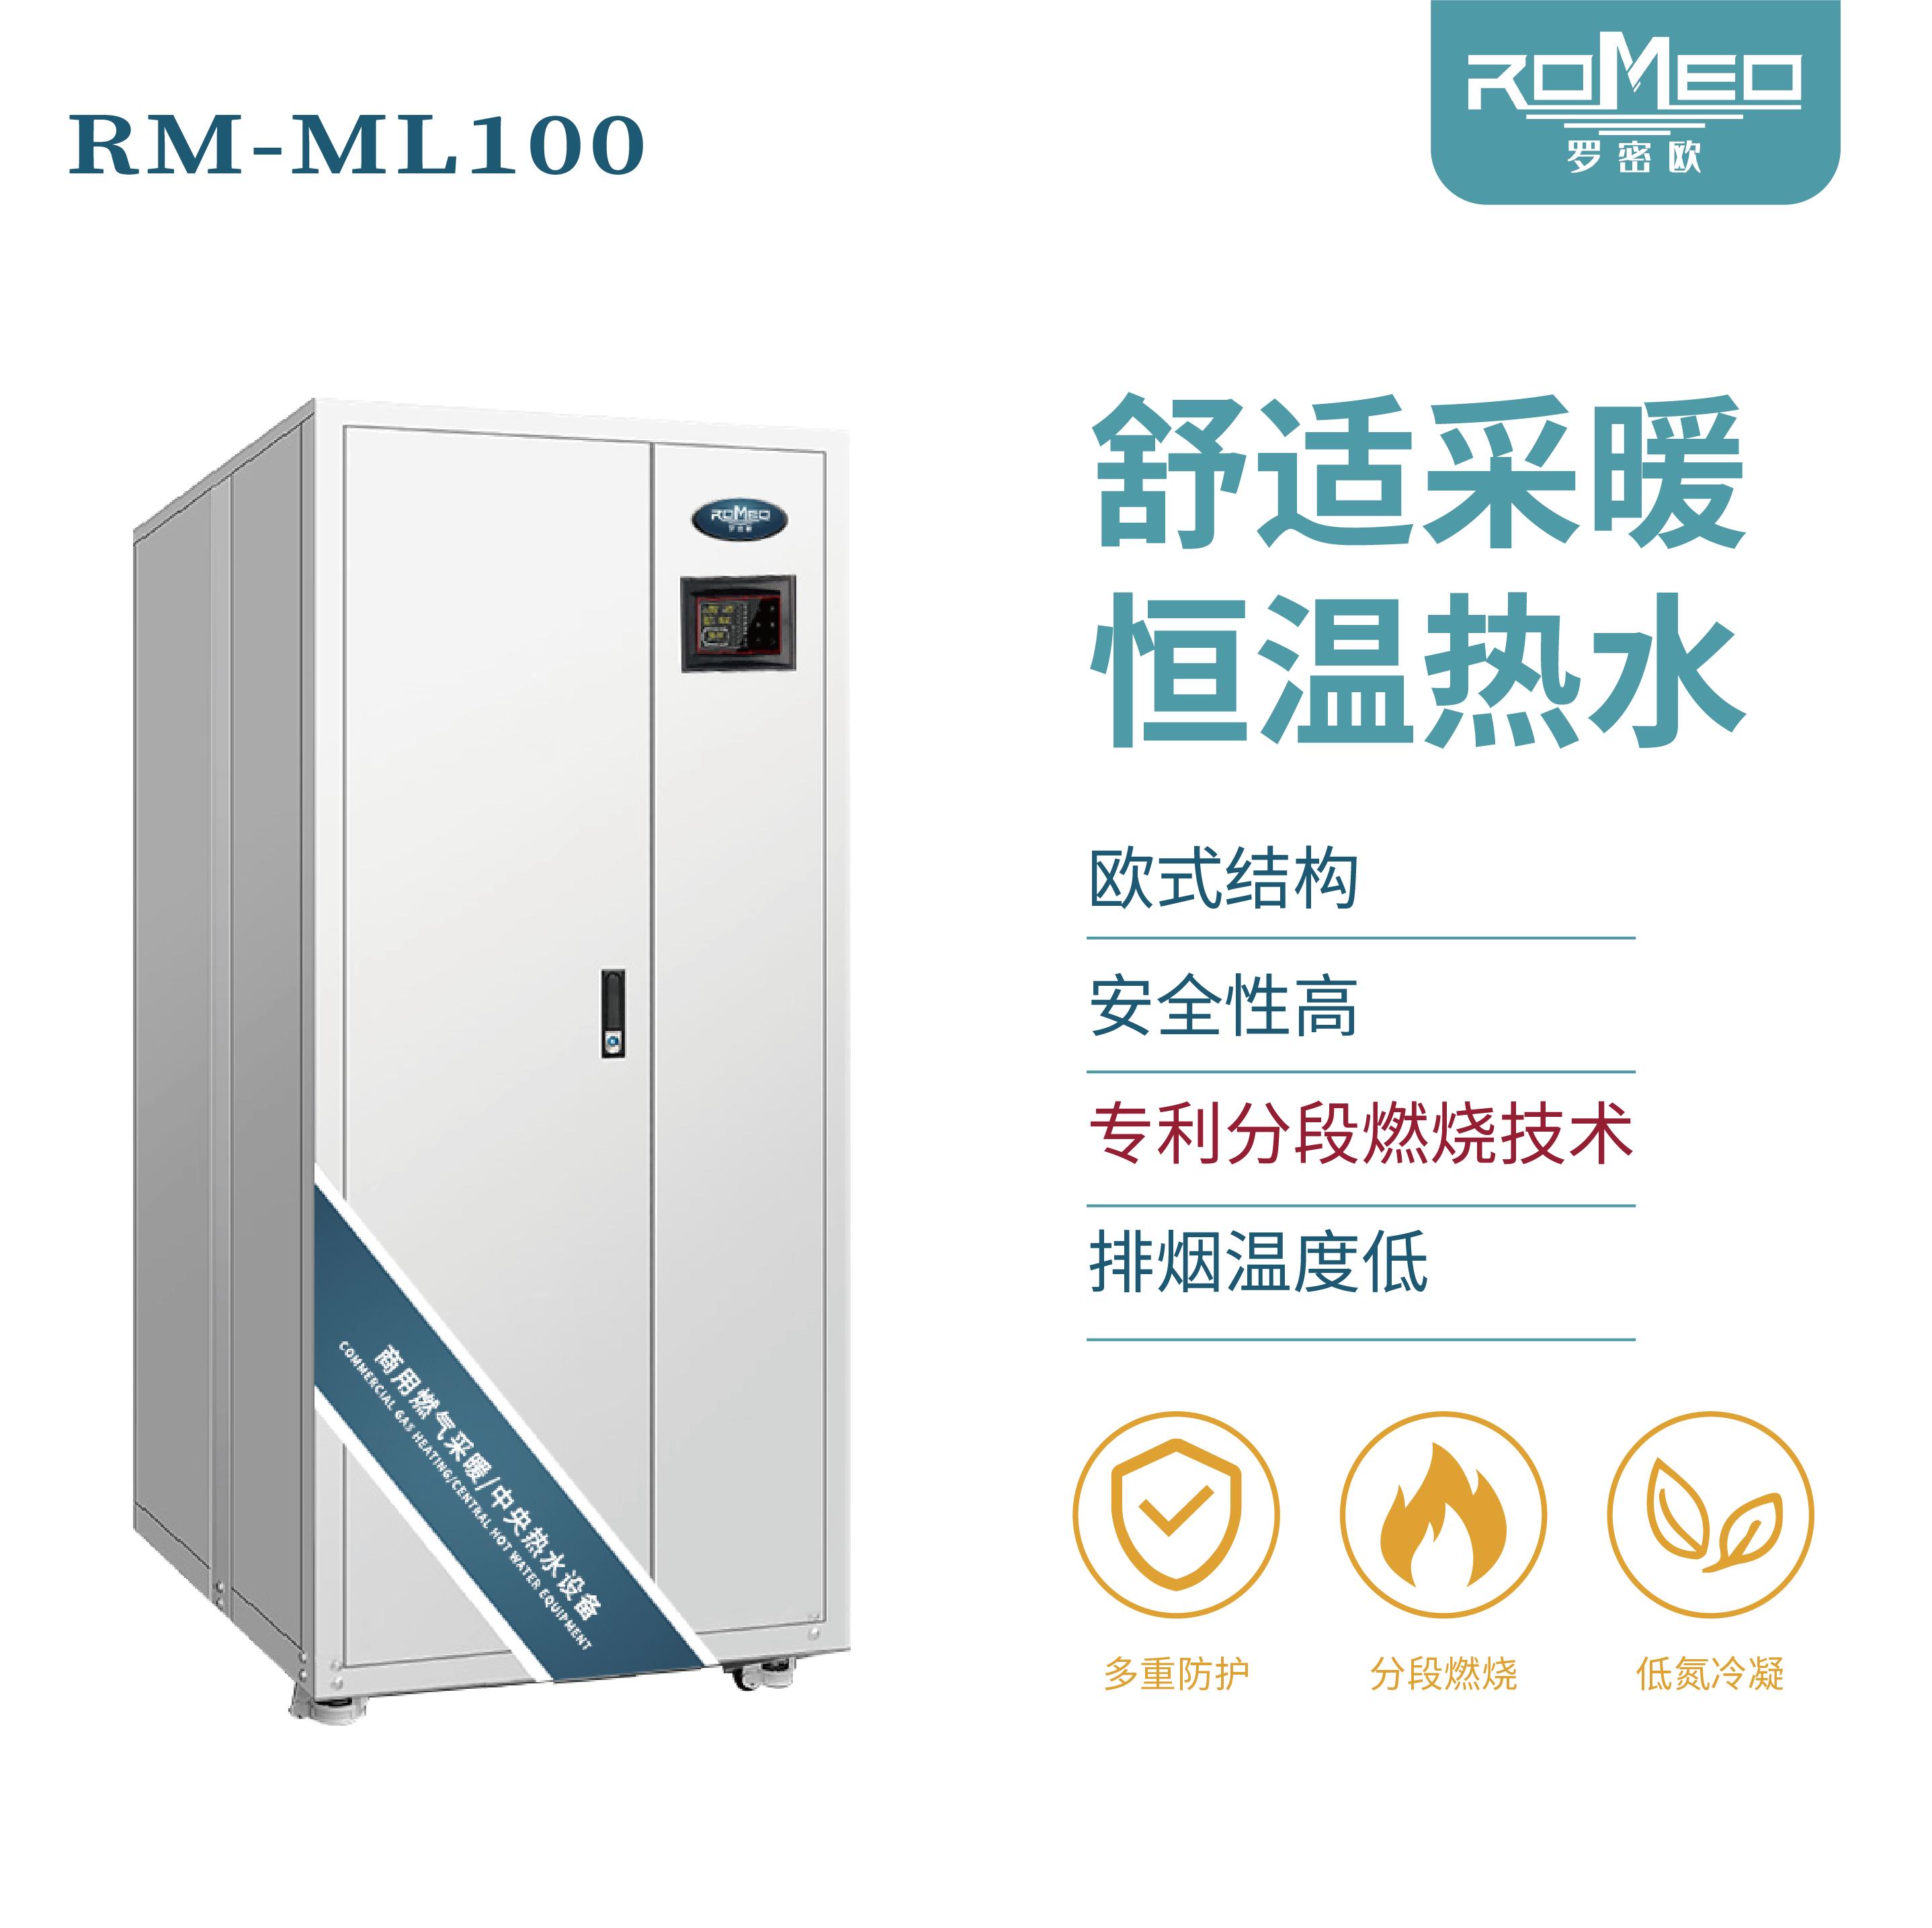 罗密欧商用采暖设备RM-ML200